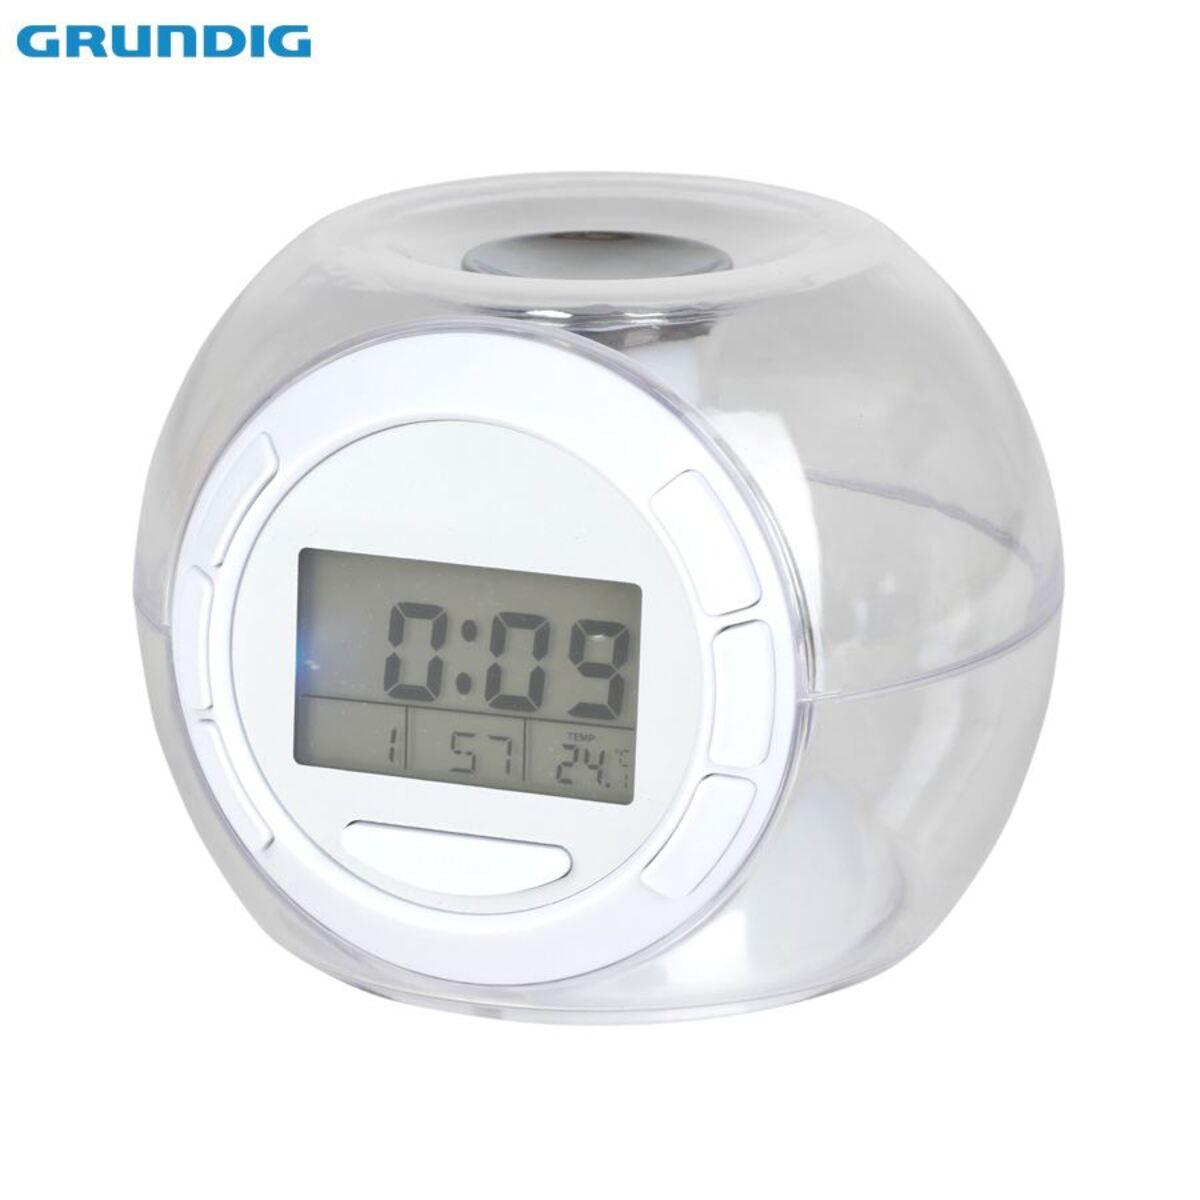 Bild 2 von Grundig LED-Kalenderuhr mit Weckerfunktion und Thermometer